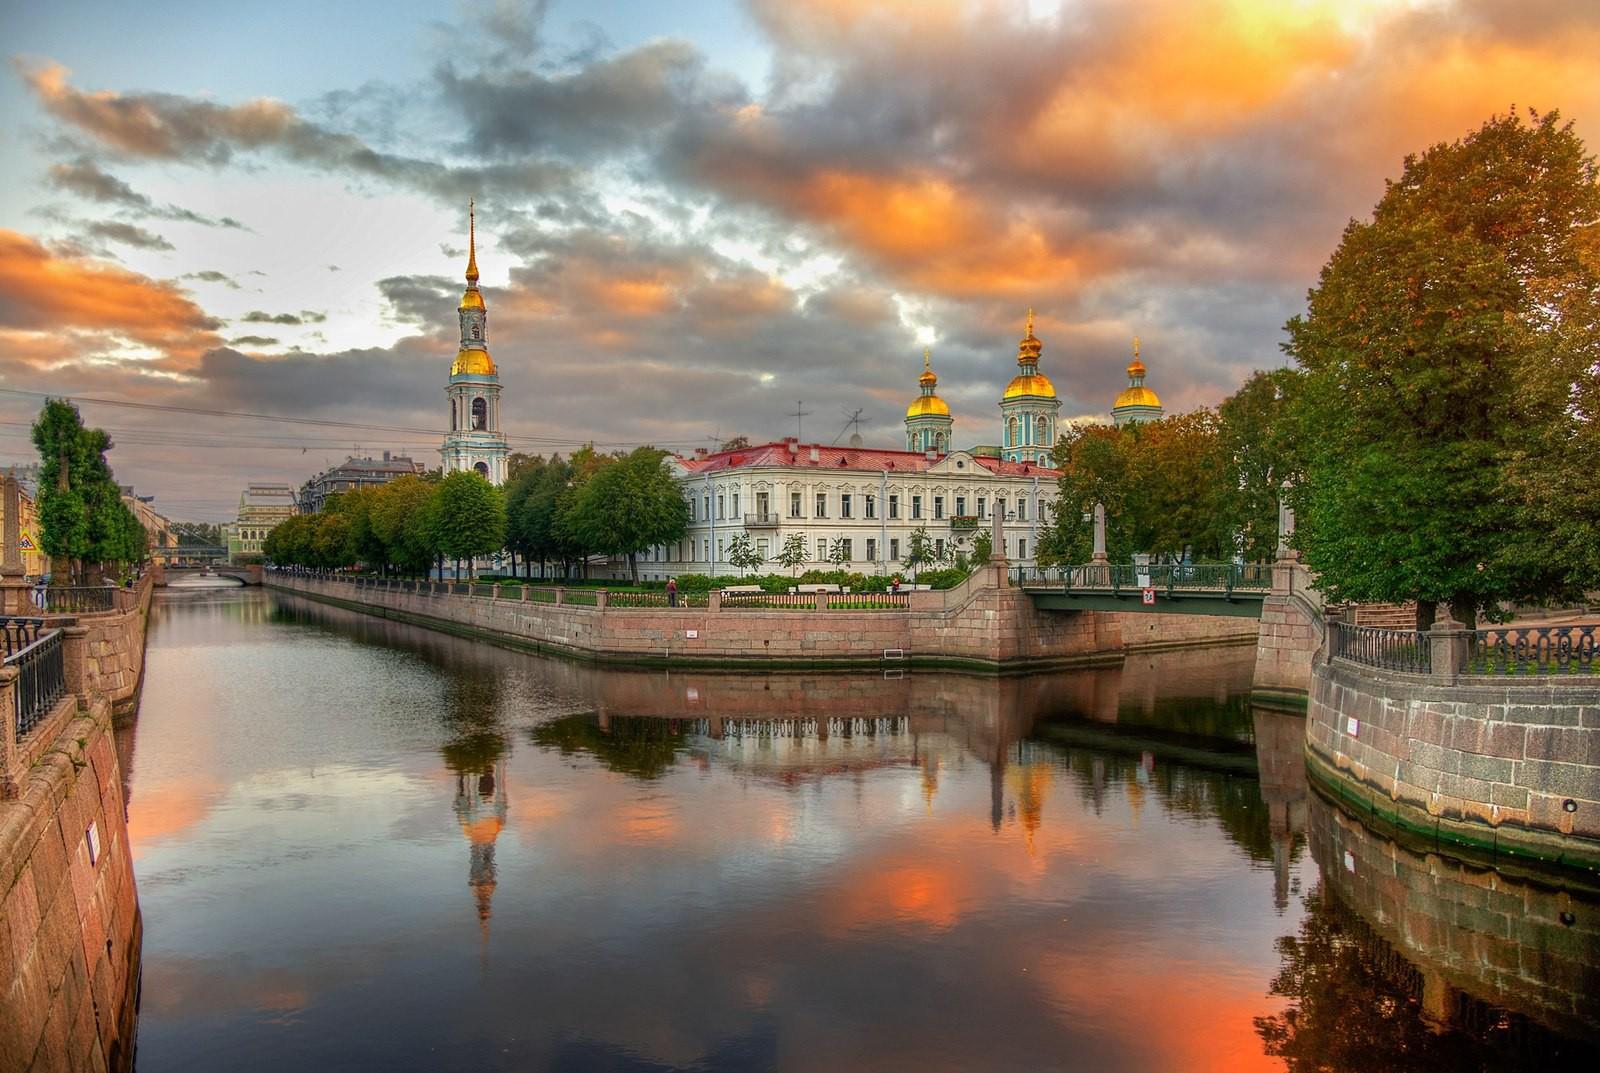 Nước Nga đã vào thu với sắc vàng đẹp say đắm lòng người, xách vali lên và đi du học thôi! - Ảnh 3.